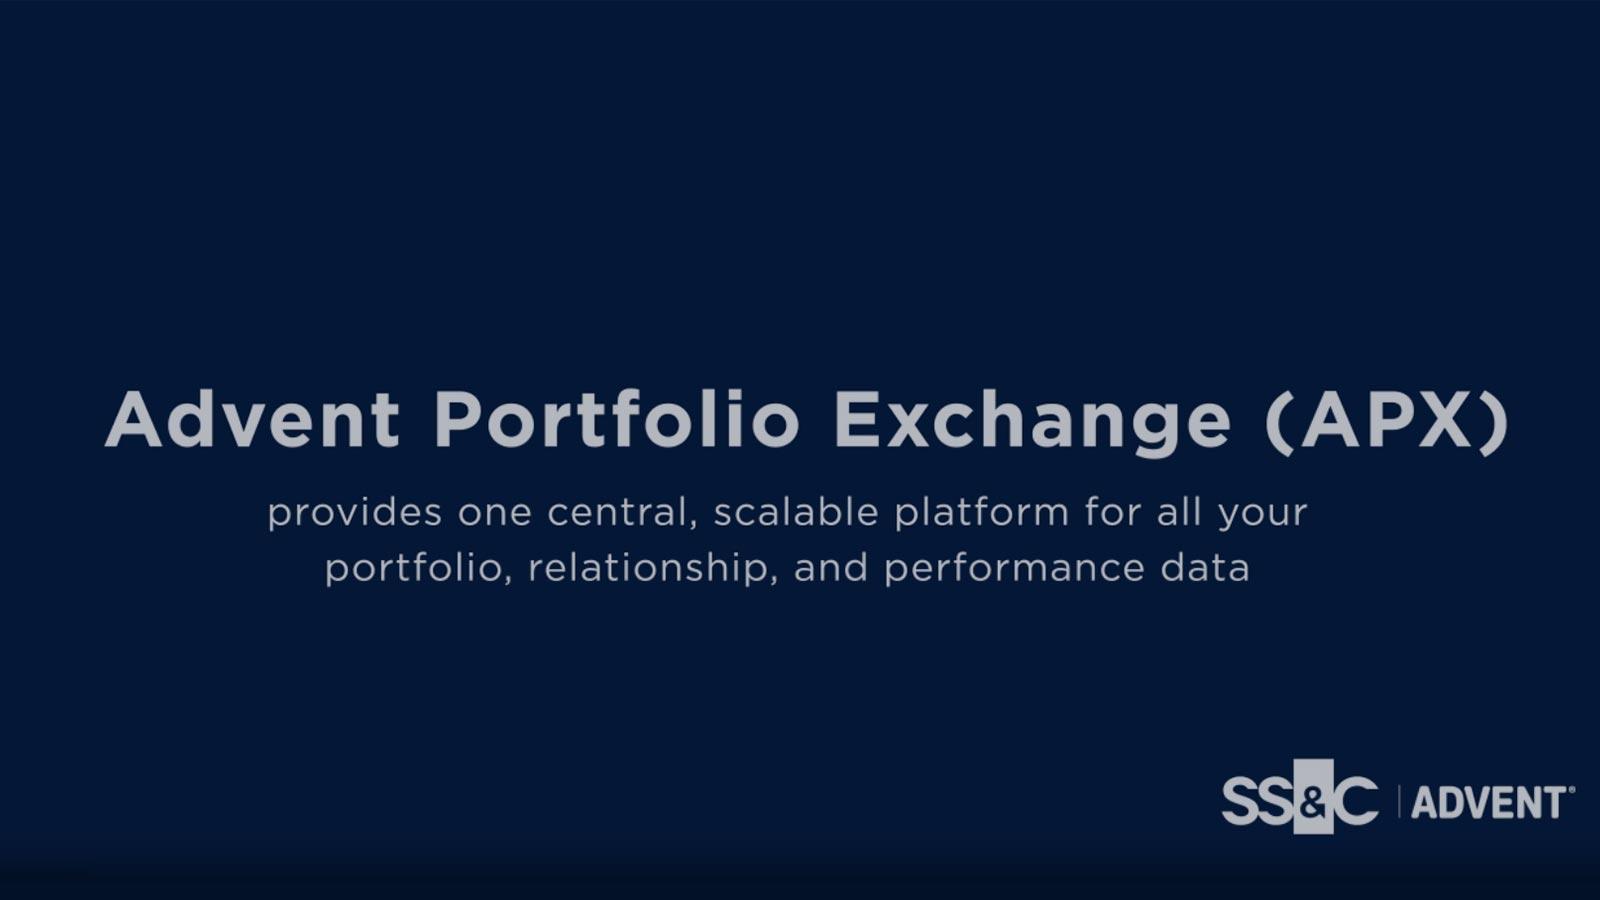 poster image for Advent Portfolio Exchange